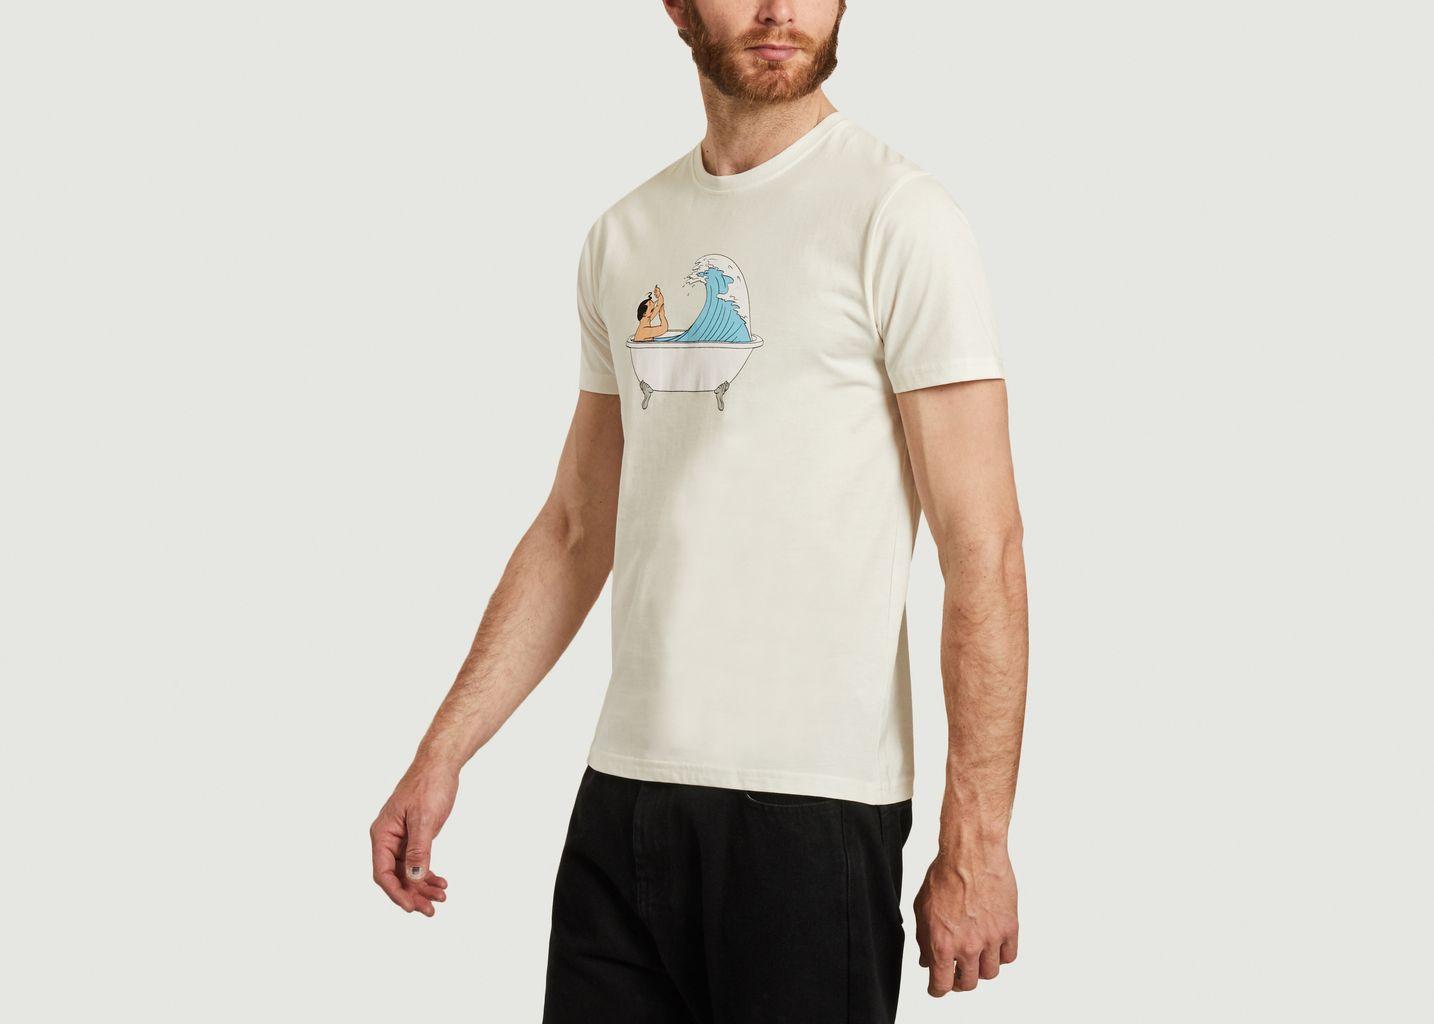 T-shirt en coton bio imprimé Bath - Olow